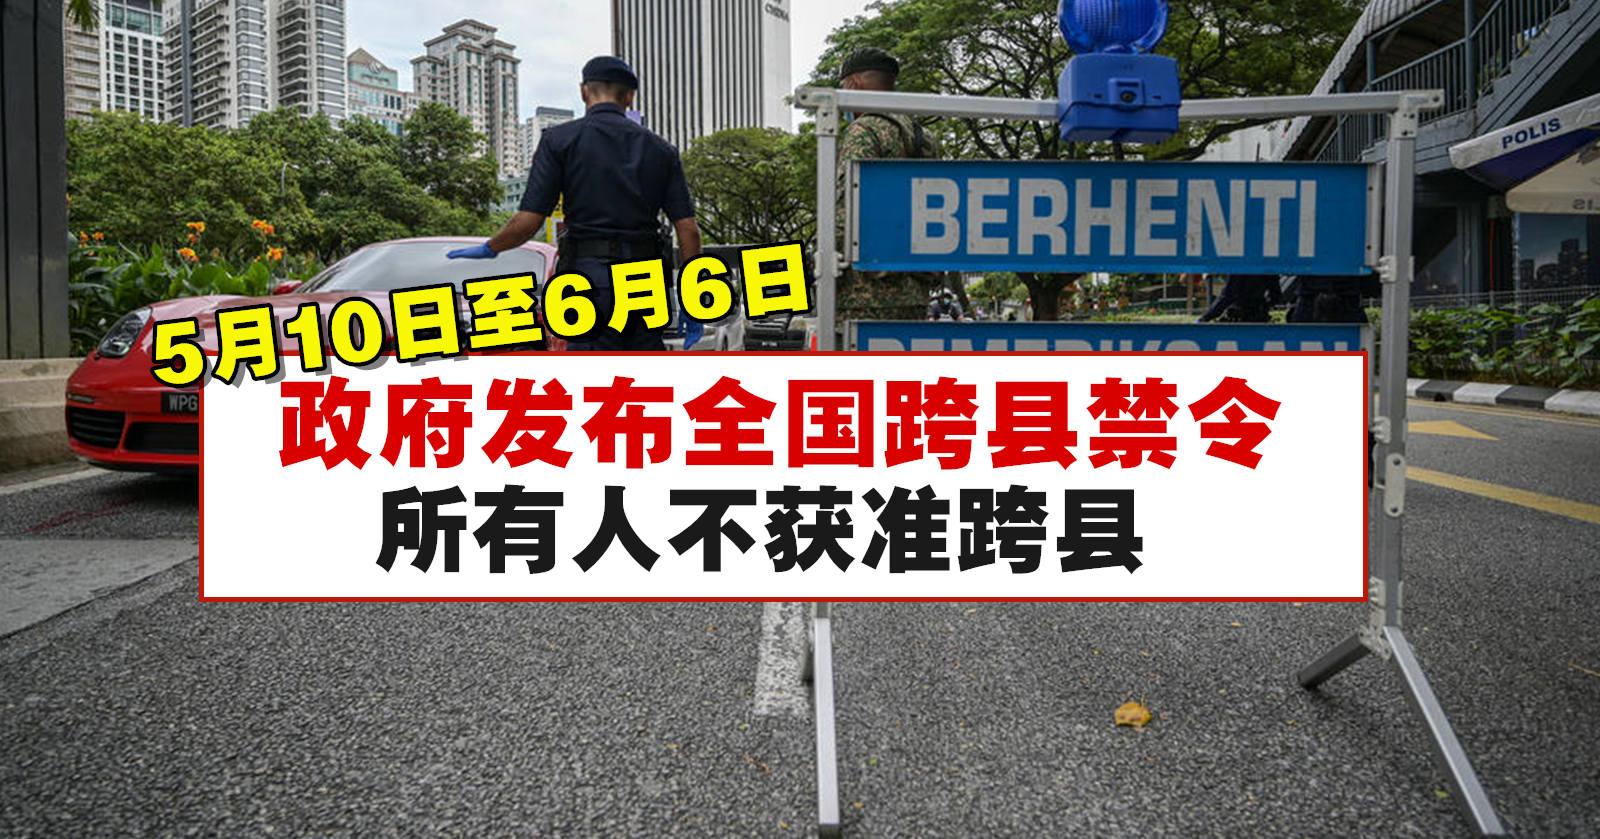 政府发布跨县禁令,5月10日至6月6日所有人不获准跨县